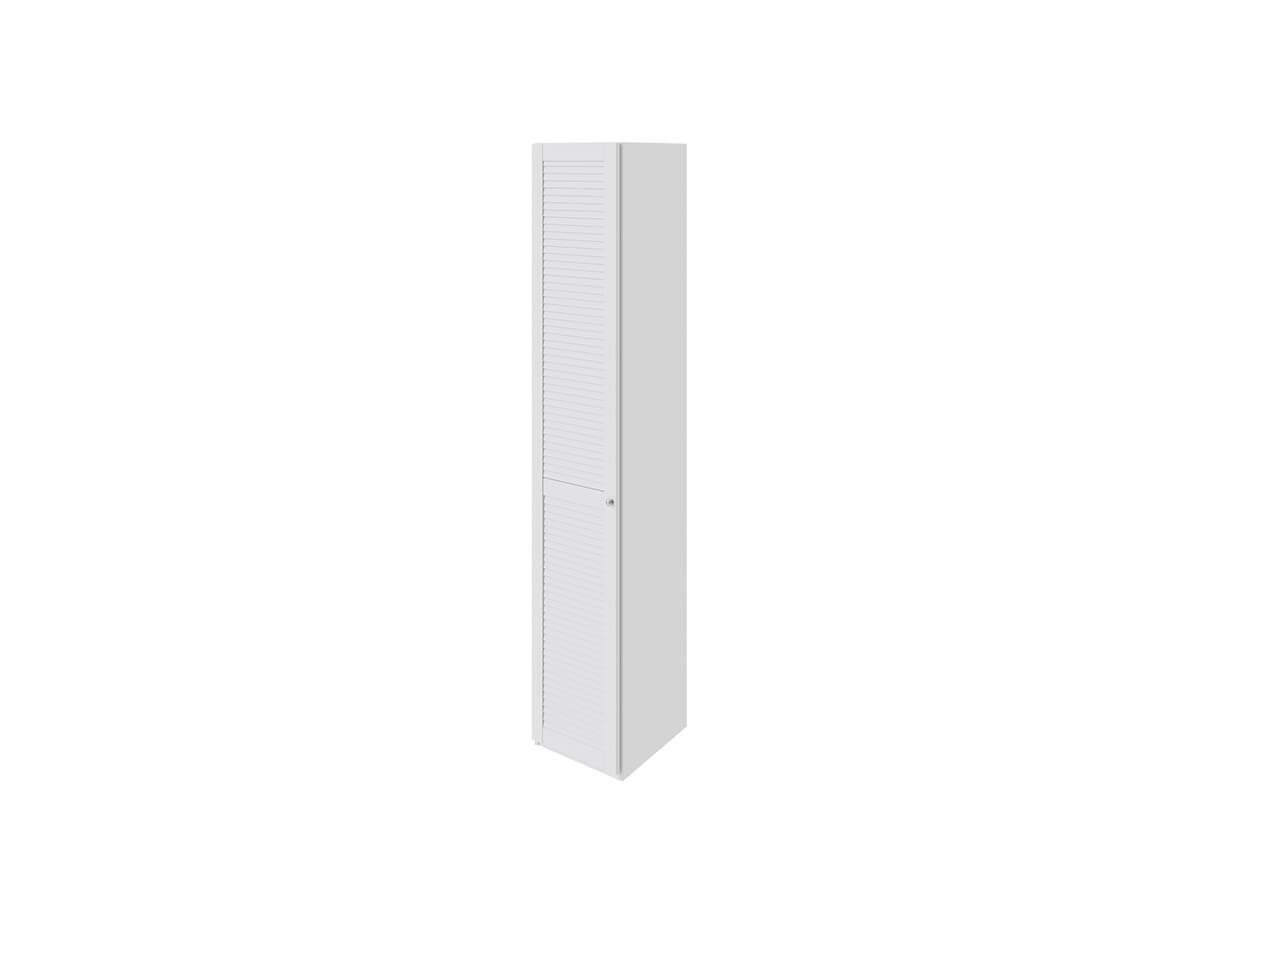 Шкаф торцевой с 1-ой дверью левый Ривьера СМ 241-07-004L 435х580х2111